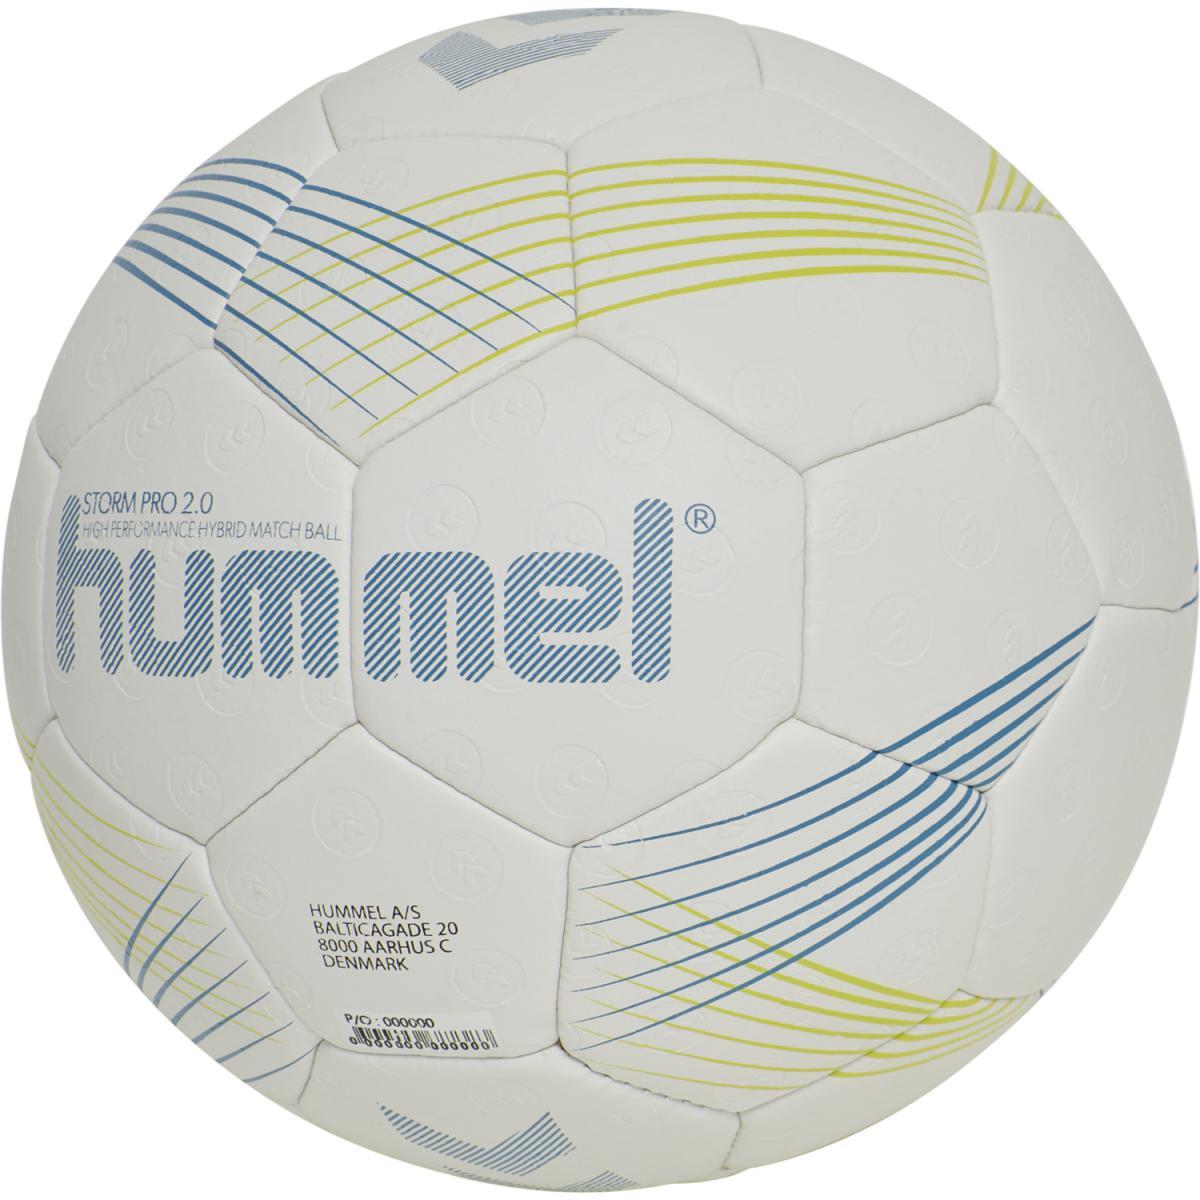 Hummel  Storm Pro 2.0 Hb